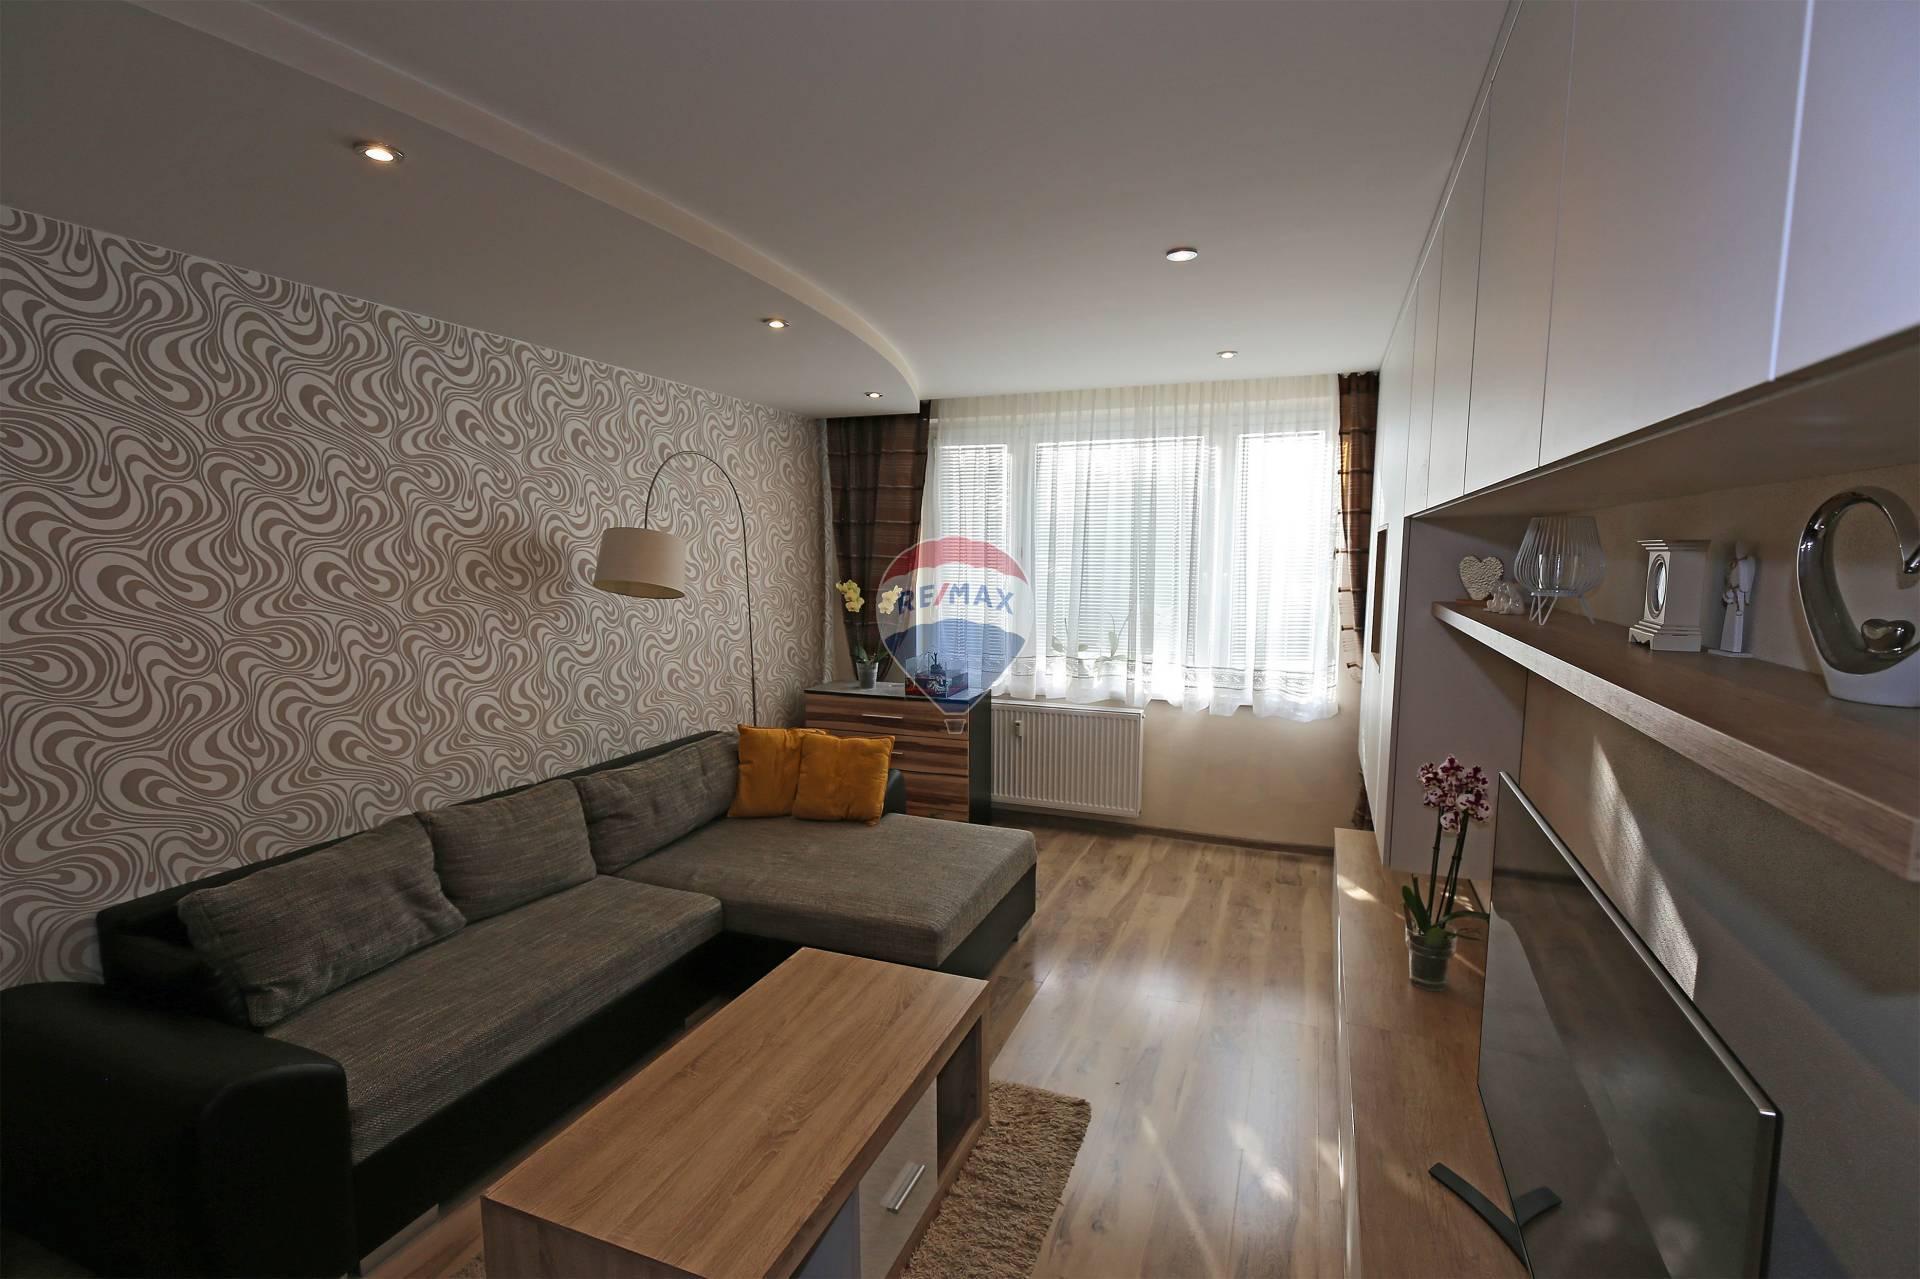 Predaj bytu (3 izbový) 74 m2, Bánovce nad Bebravou - Predaj zariadeného 3-izbového bytu Bánovce nad Bebravou